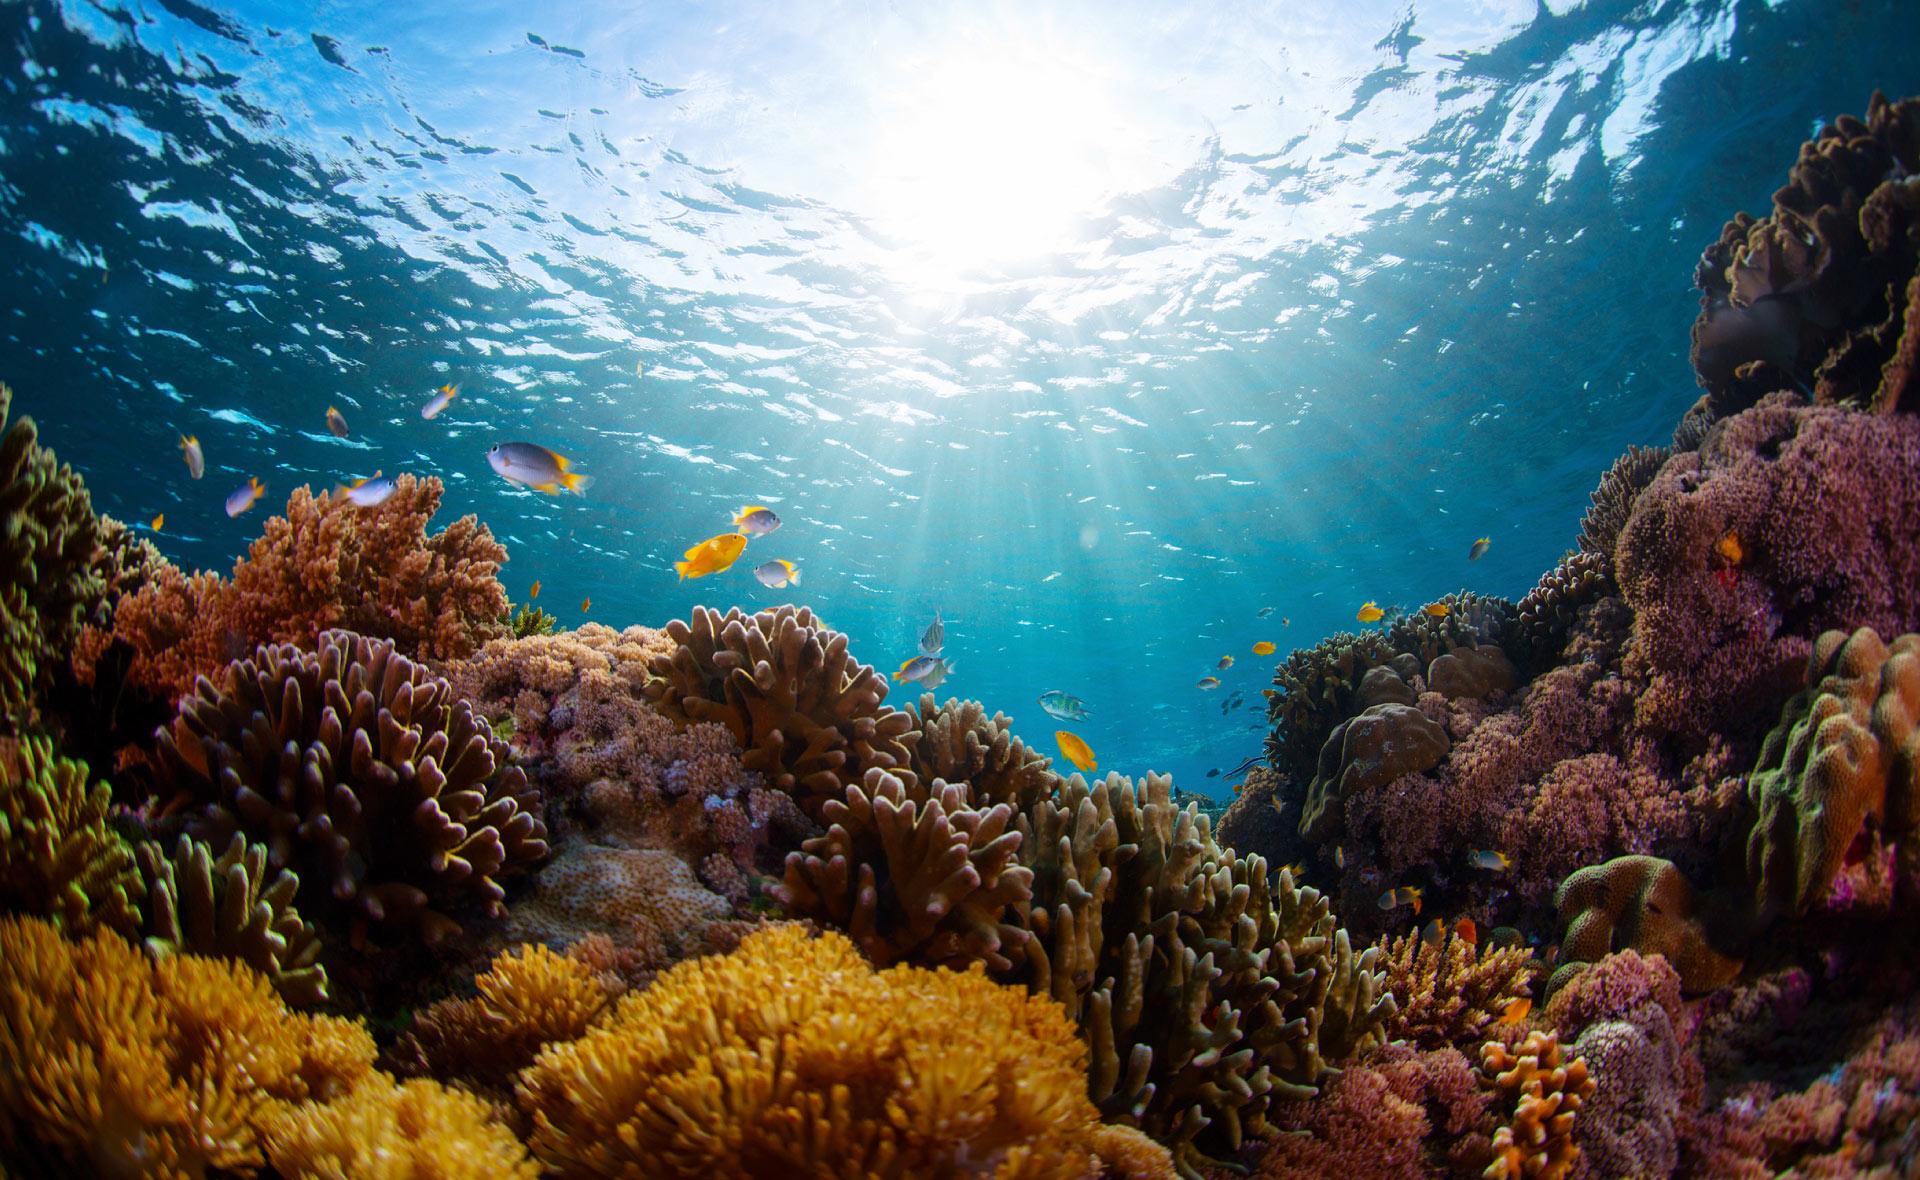 biodiversidad_apertura-mar-peces-especie-marinas-oceano